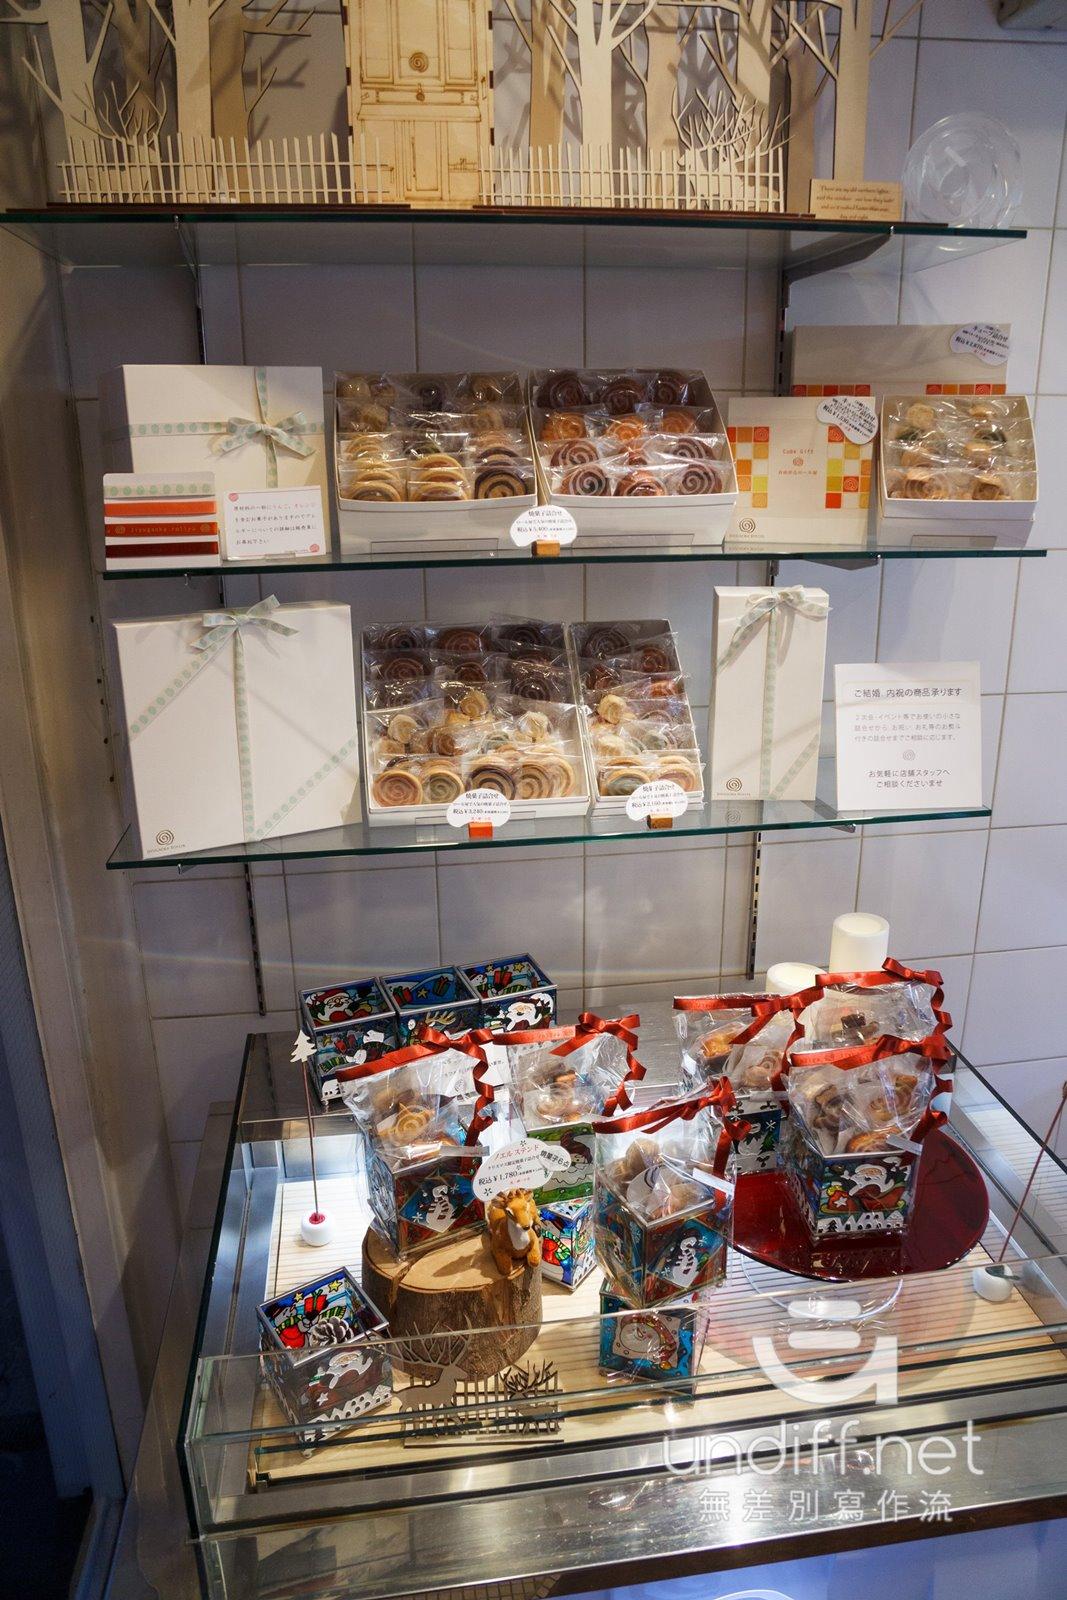 【東京美食】自由之丘 ロール屋 》樸實就很好吃的瑞士蛋糕捲專賣店 20